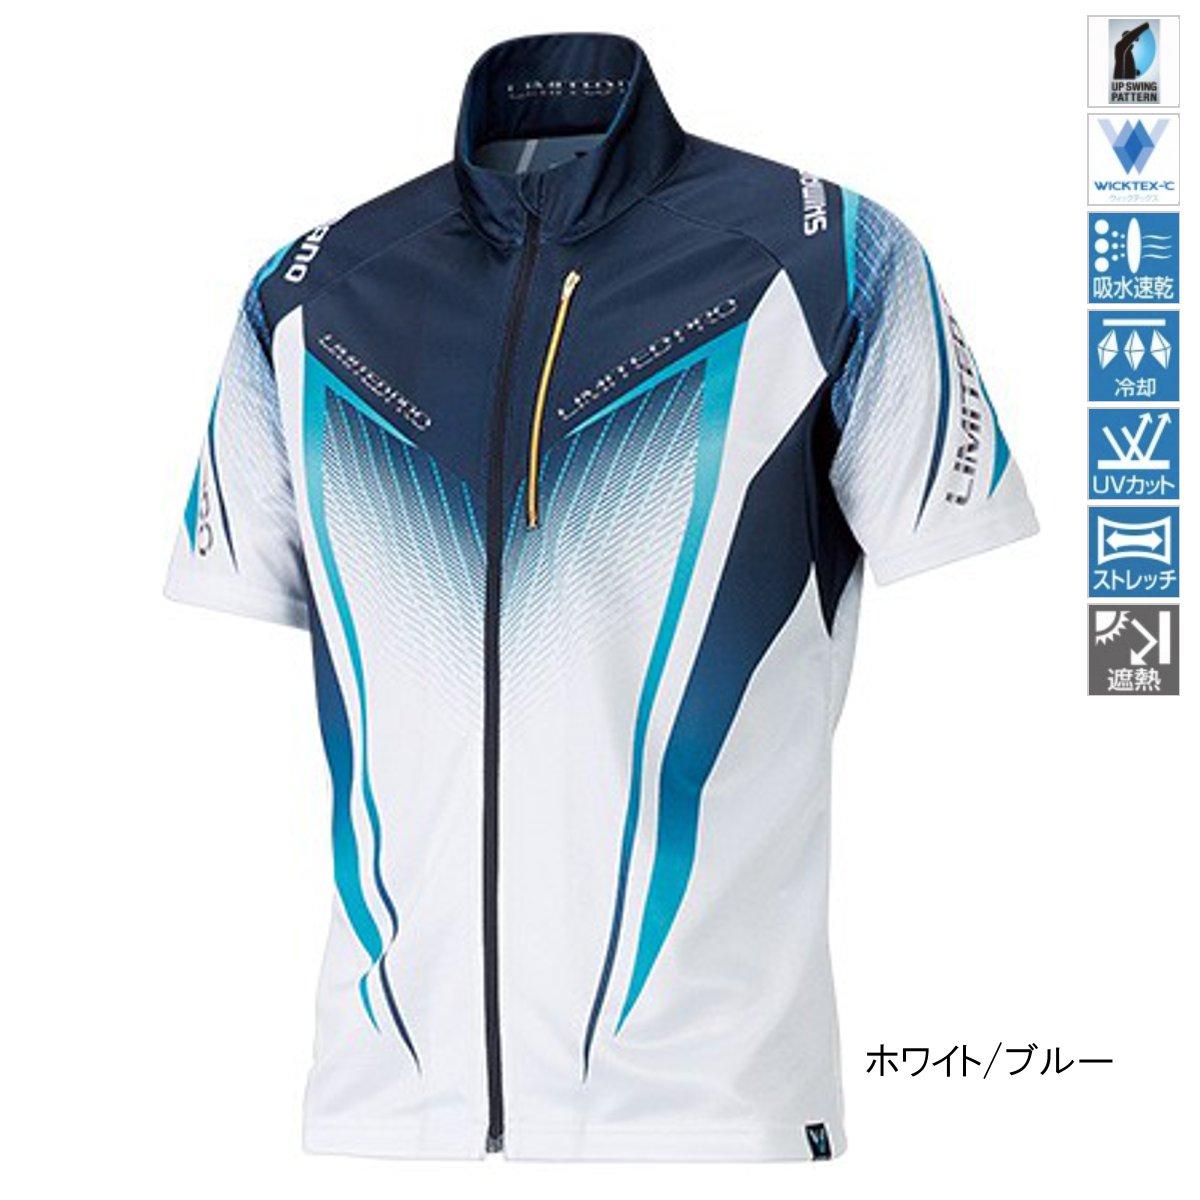 シマノ フルジップシャツLIMITED PRO(半袖) SH-012S 2XL ホワイト/ブルー